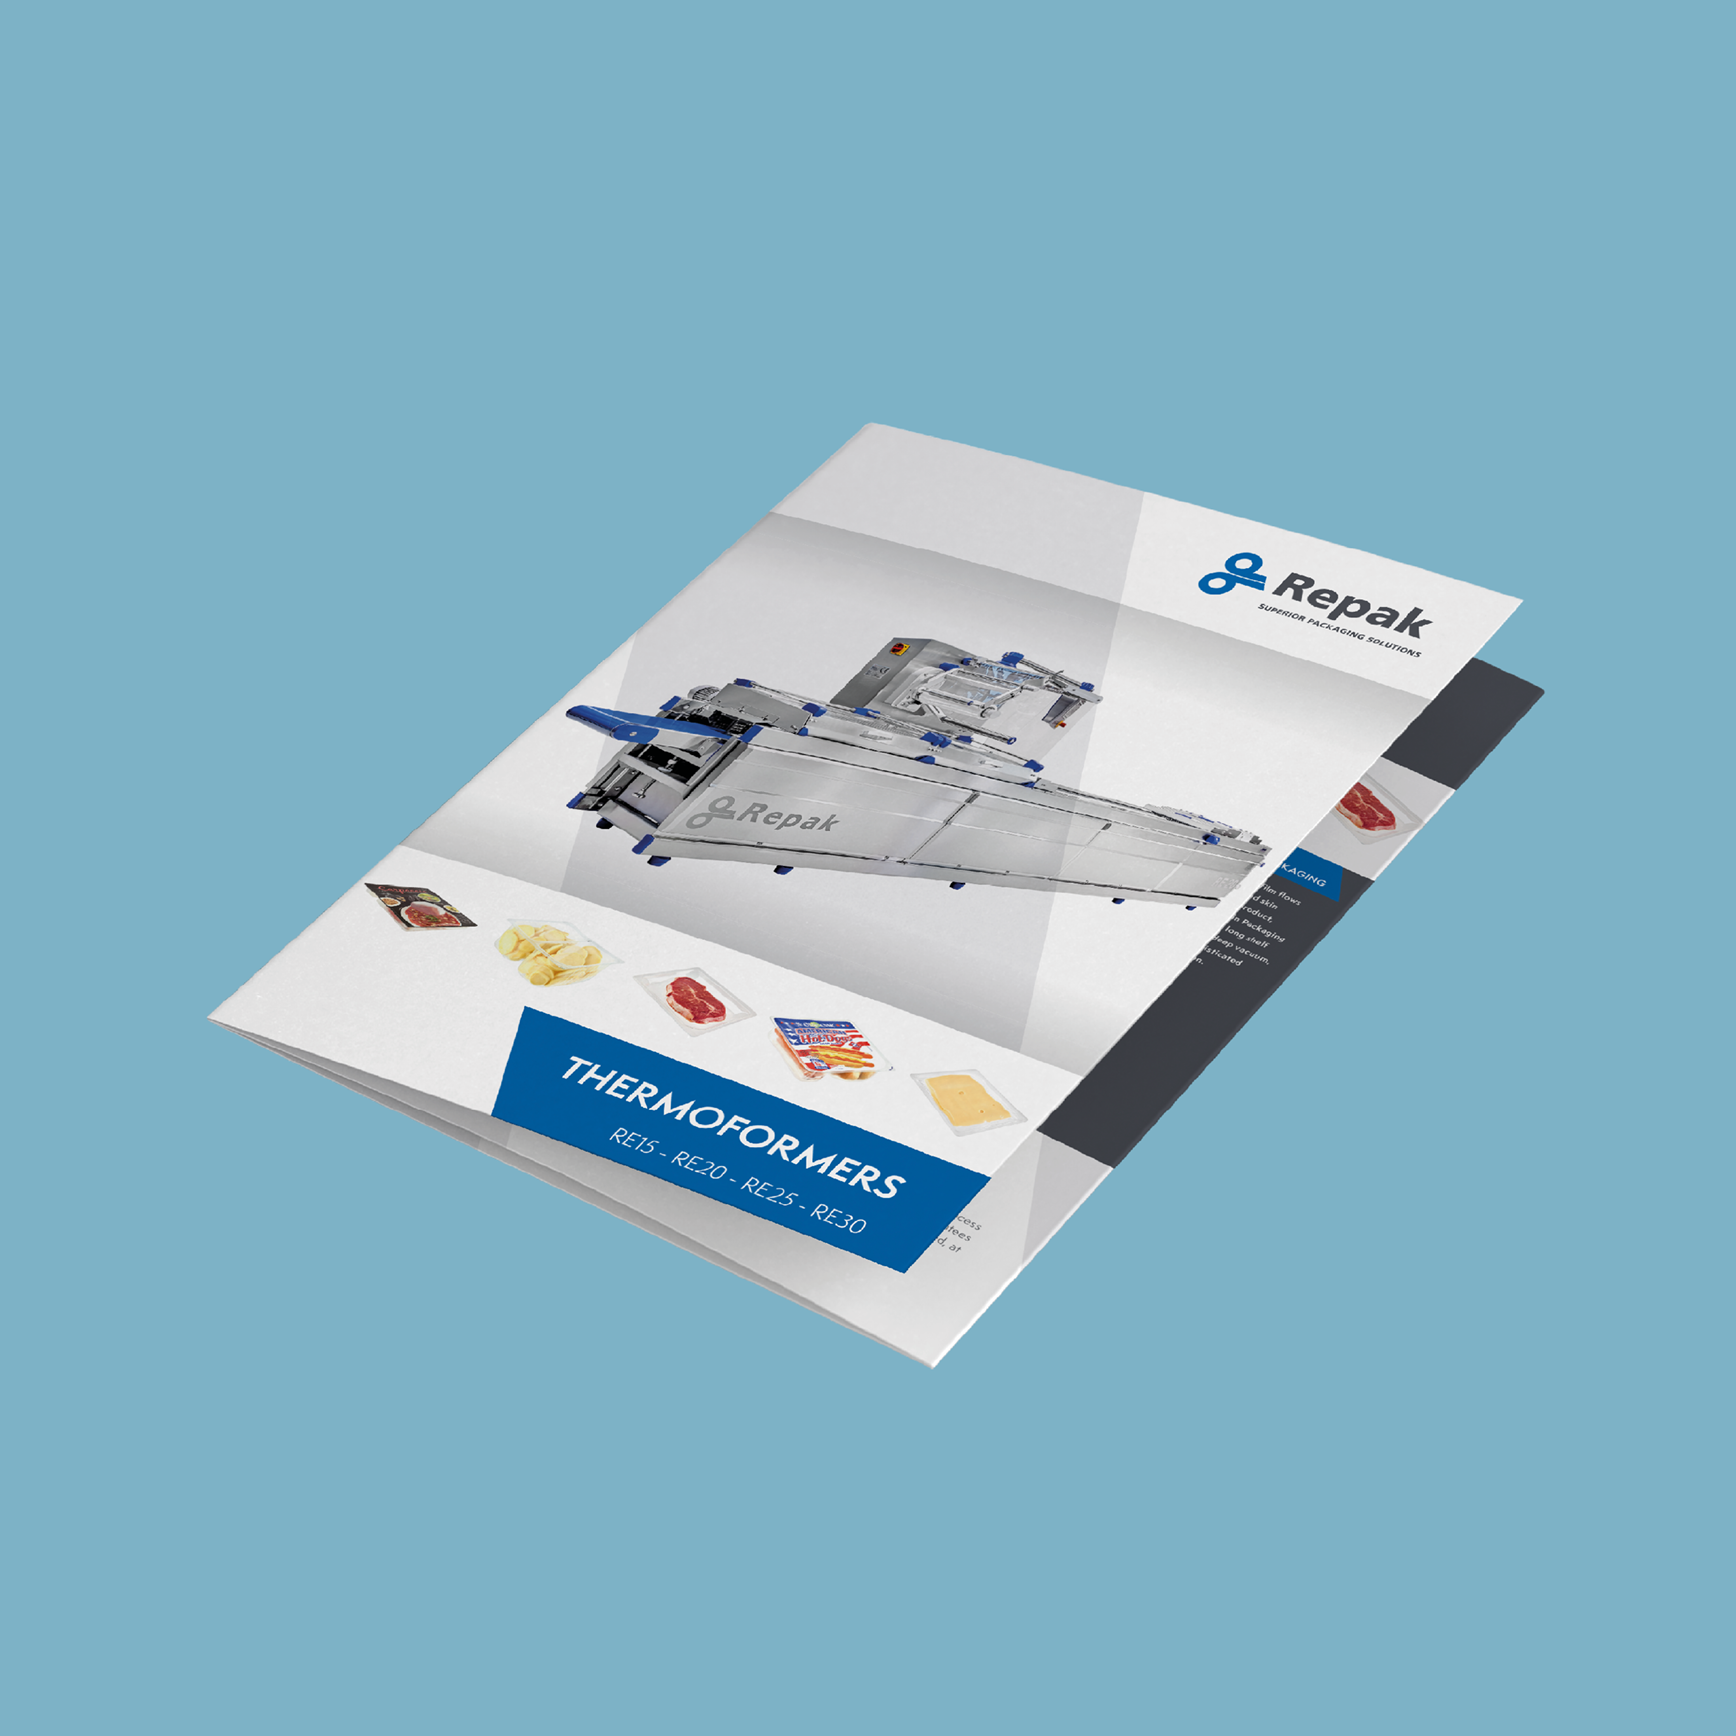 Repak Drukwerk Brochure